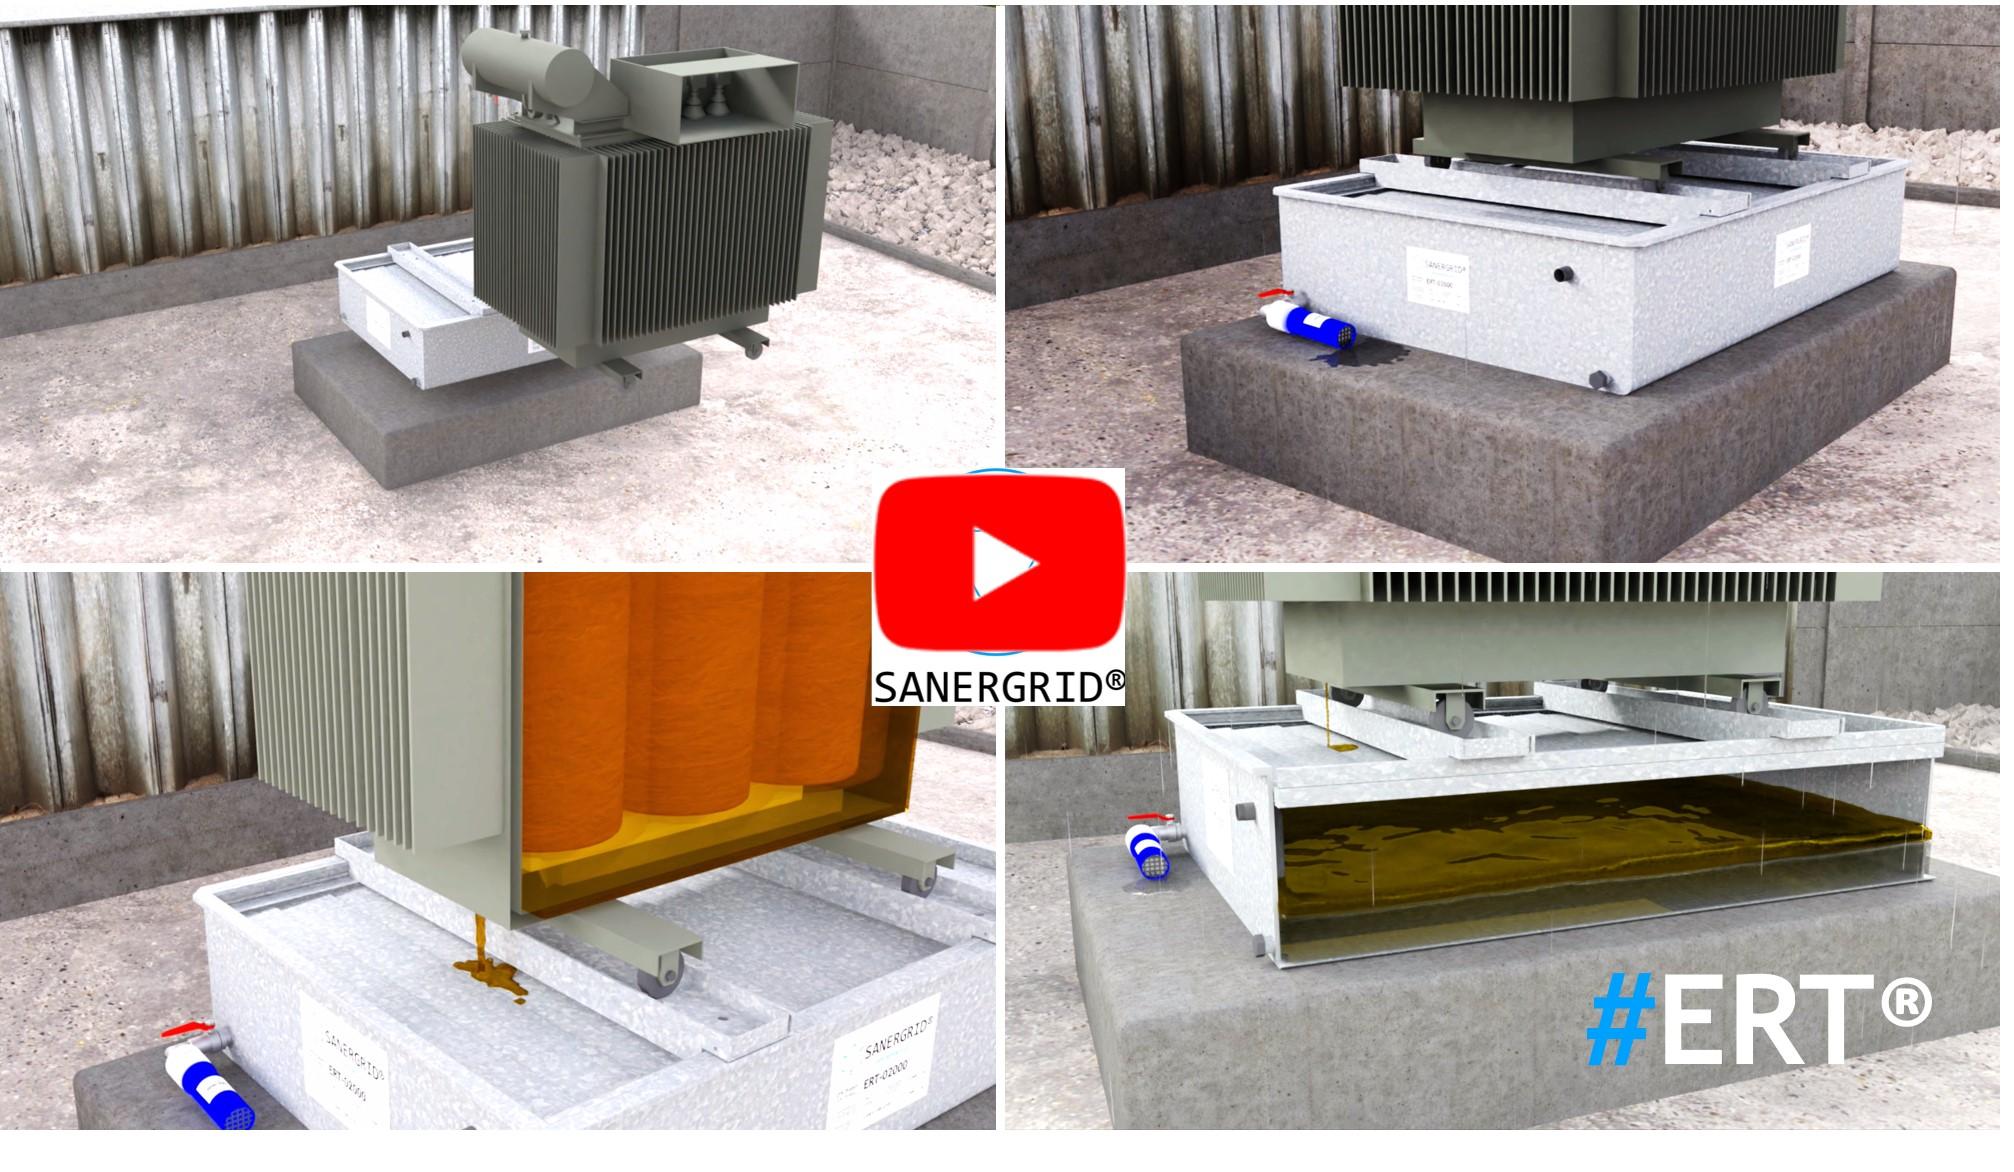 Bac de rétention pour transformateur anti feu ERT avec siphon et filtration eau de pluie et réalité virtuelle SANERGRID VIDEO